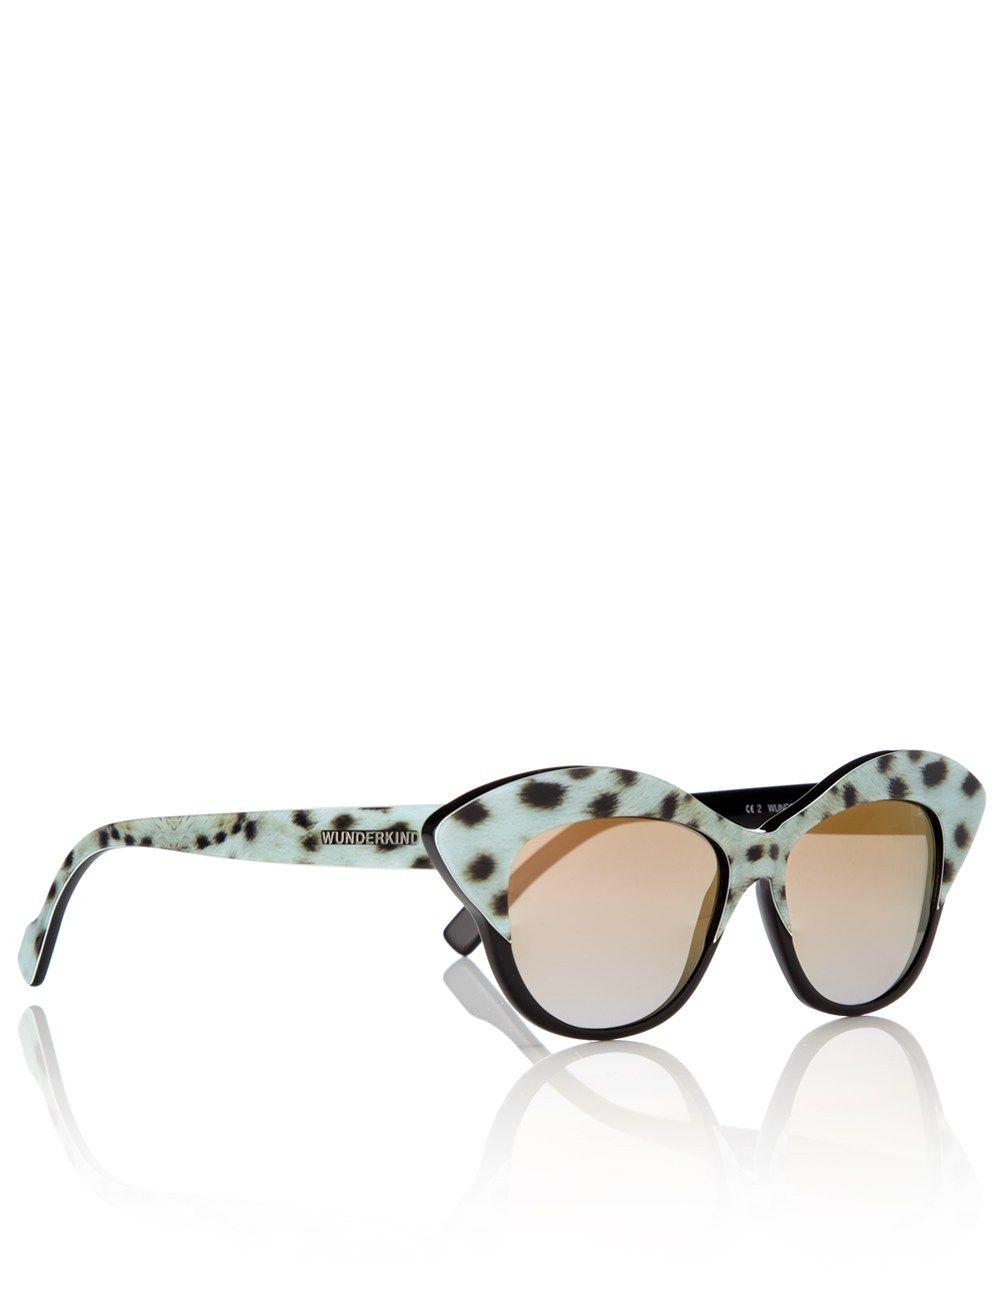 b72e2bb418ba Wunderkind Ocelot Sunglasses | I heart Fashion | Sunglasses, Glasses ...